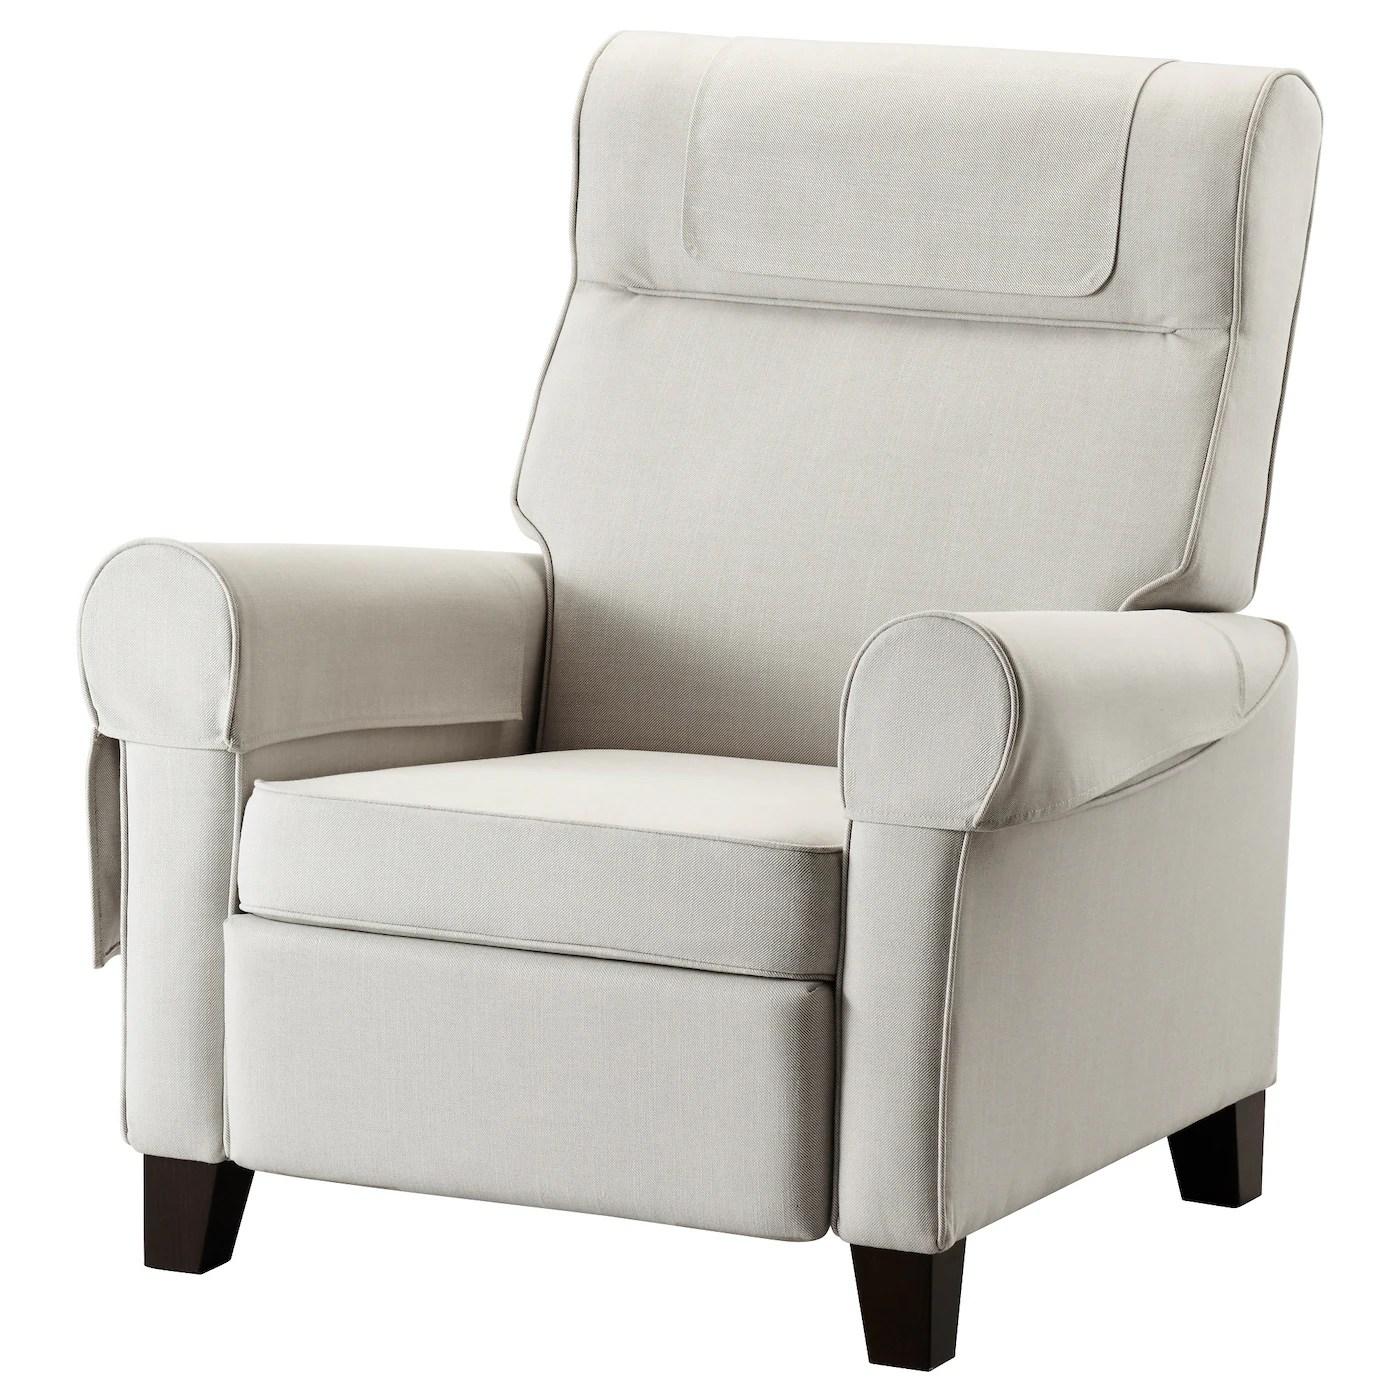 upright recliner chairs blue parrot chair covers muren nordvalla beige ikea